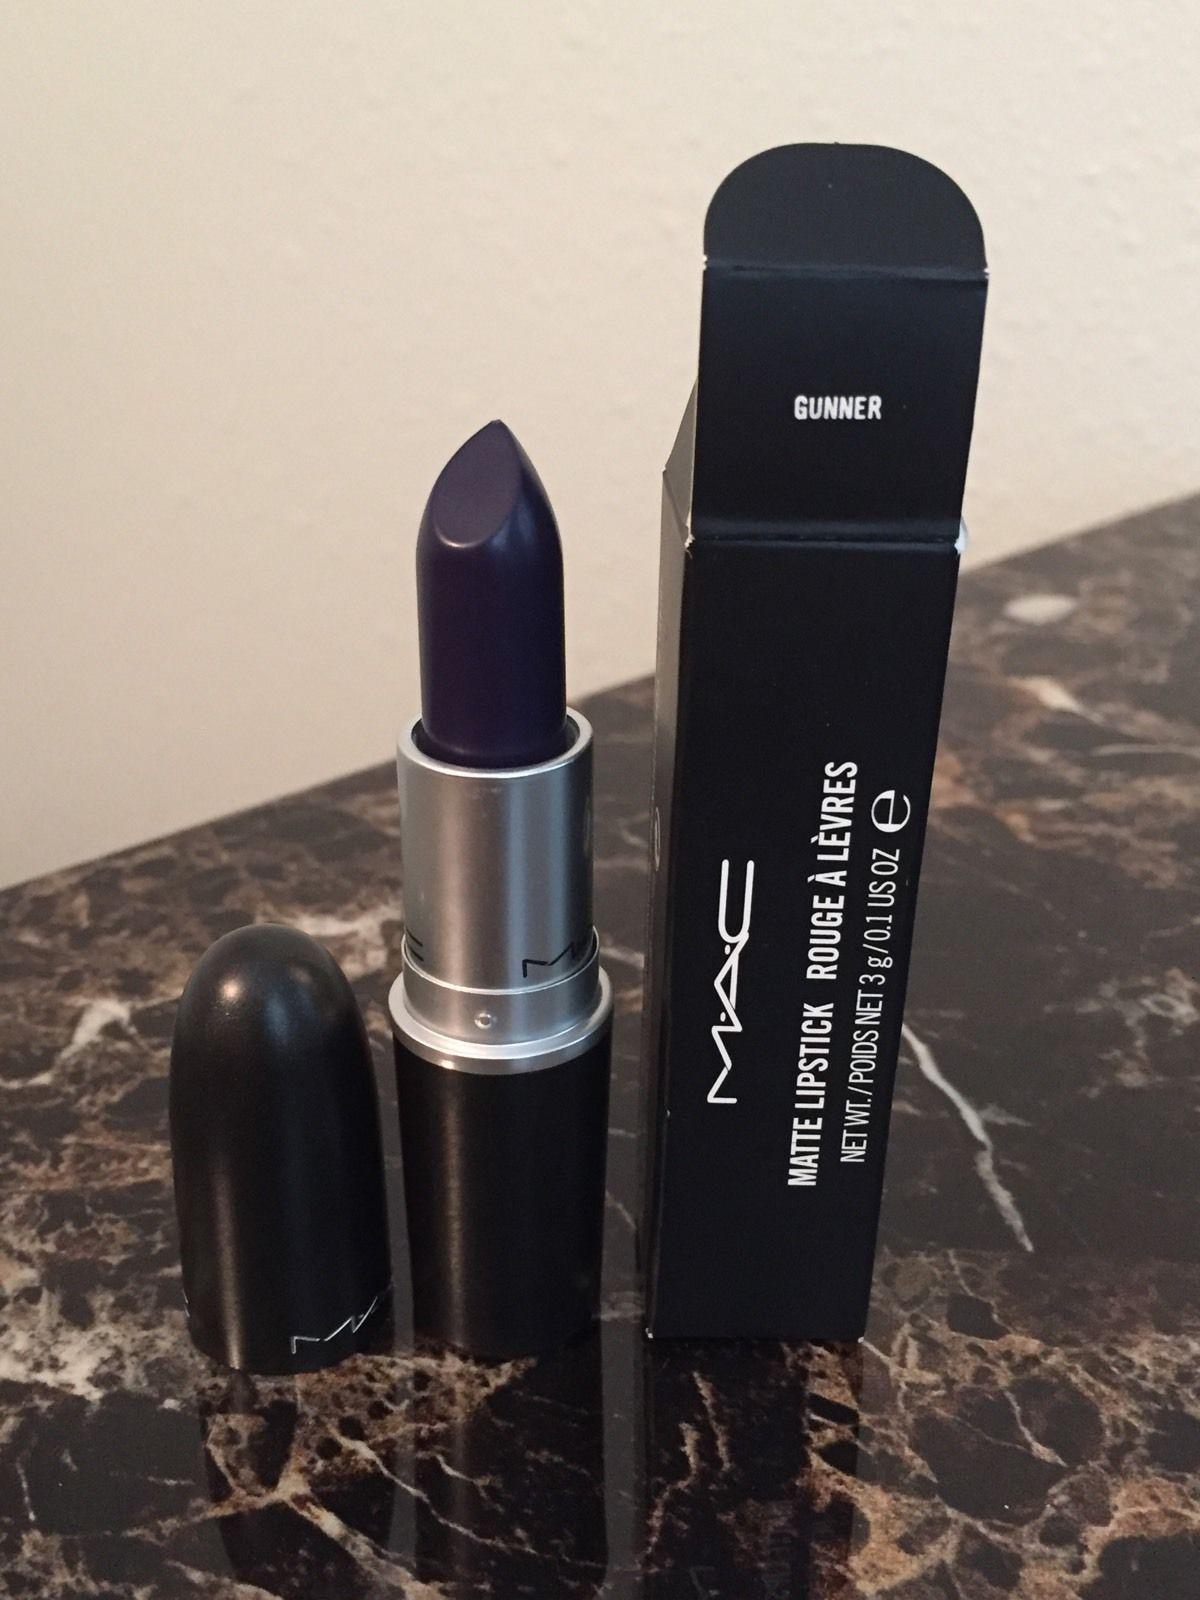 Mac Hautecore and Nasty Gal Gunner Lipsticks Duo set Bnib 100%Auth Ready to Ship